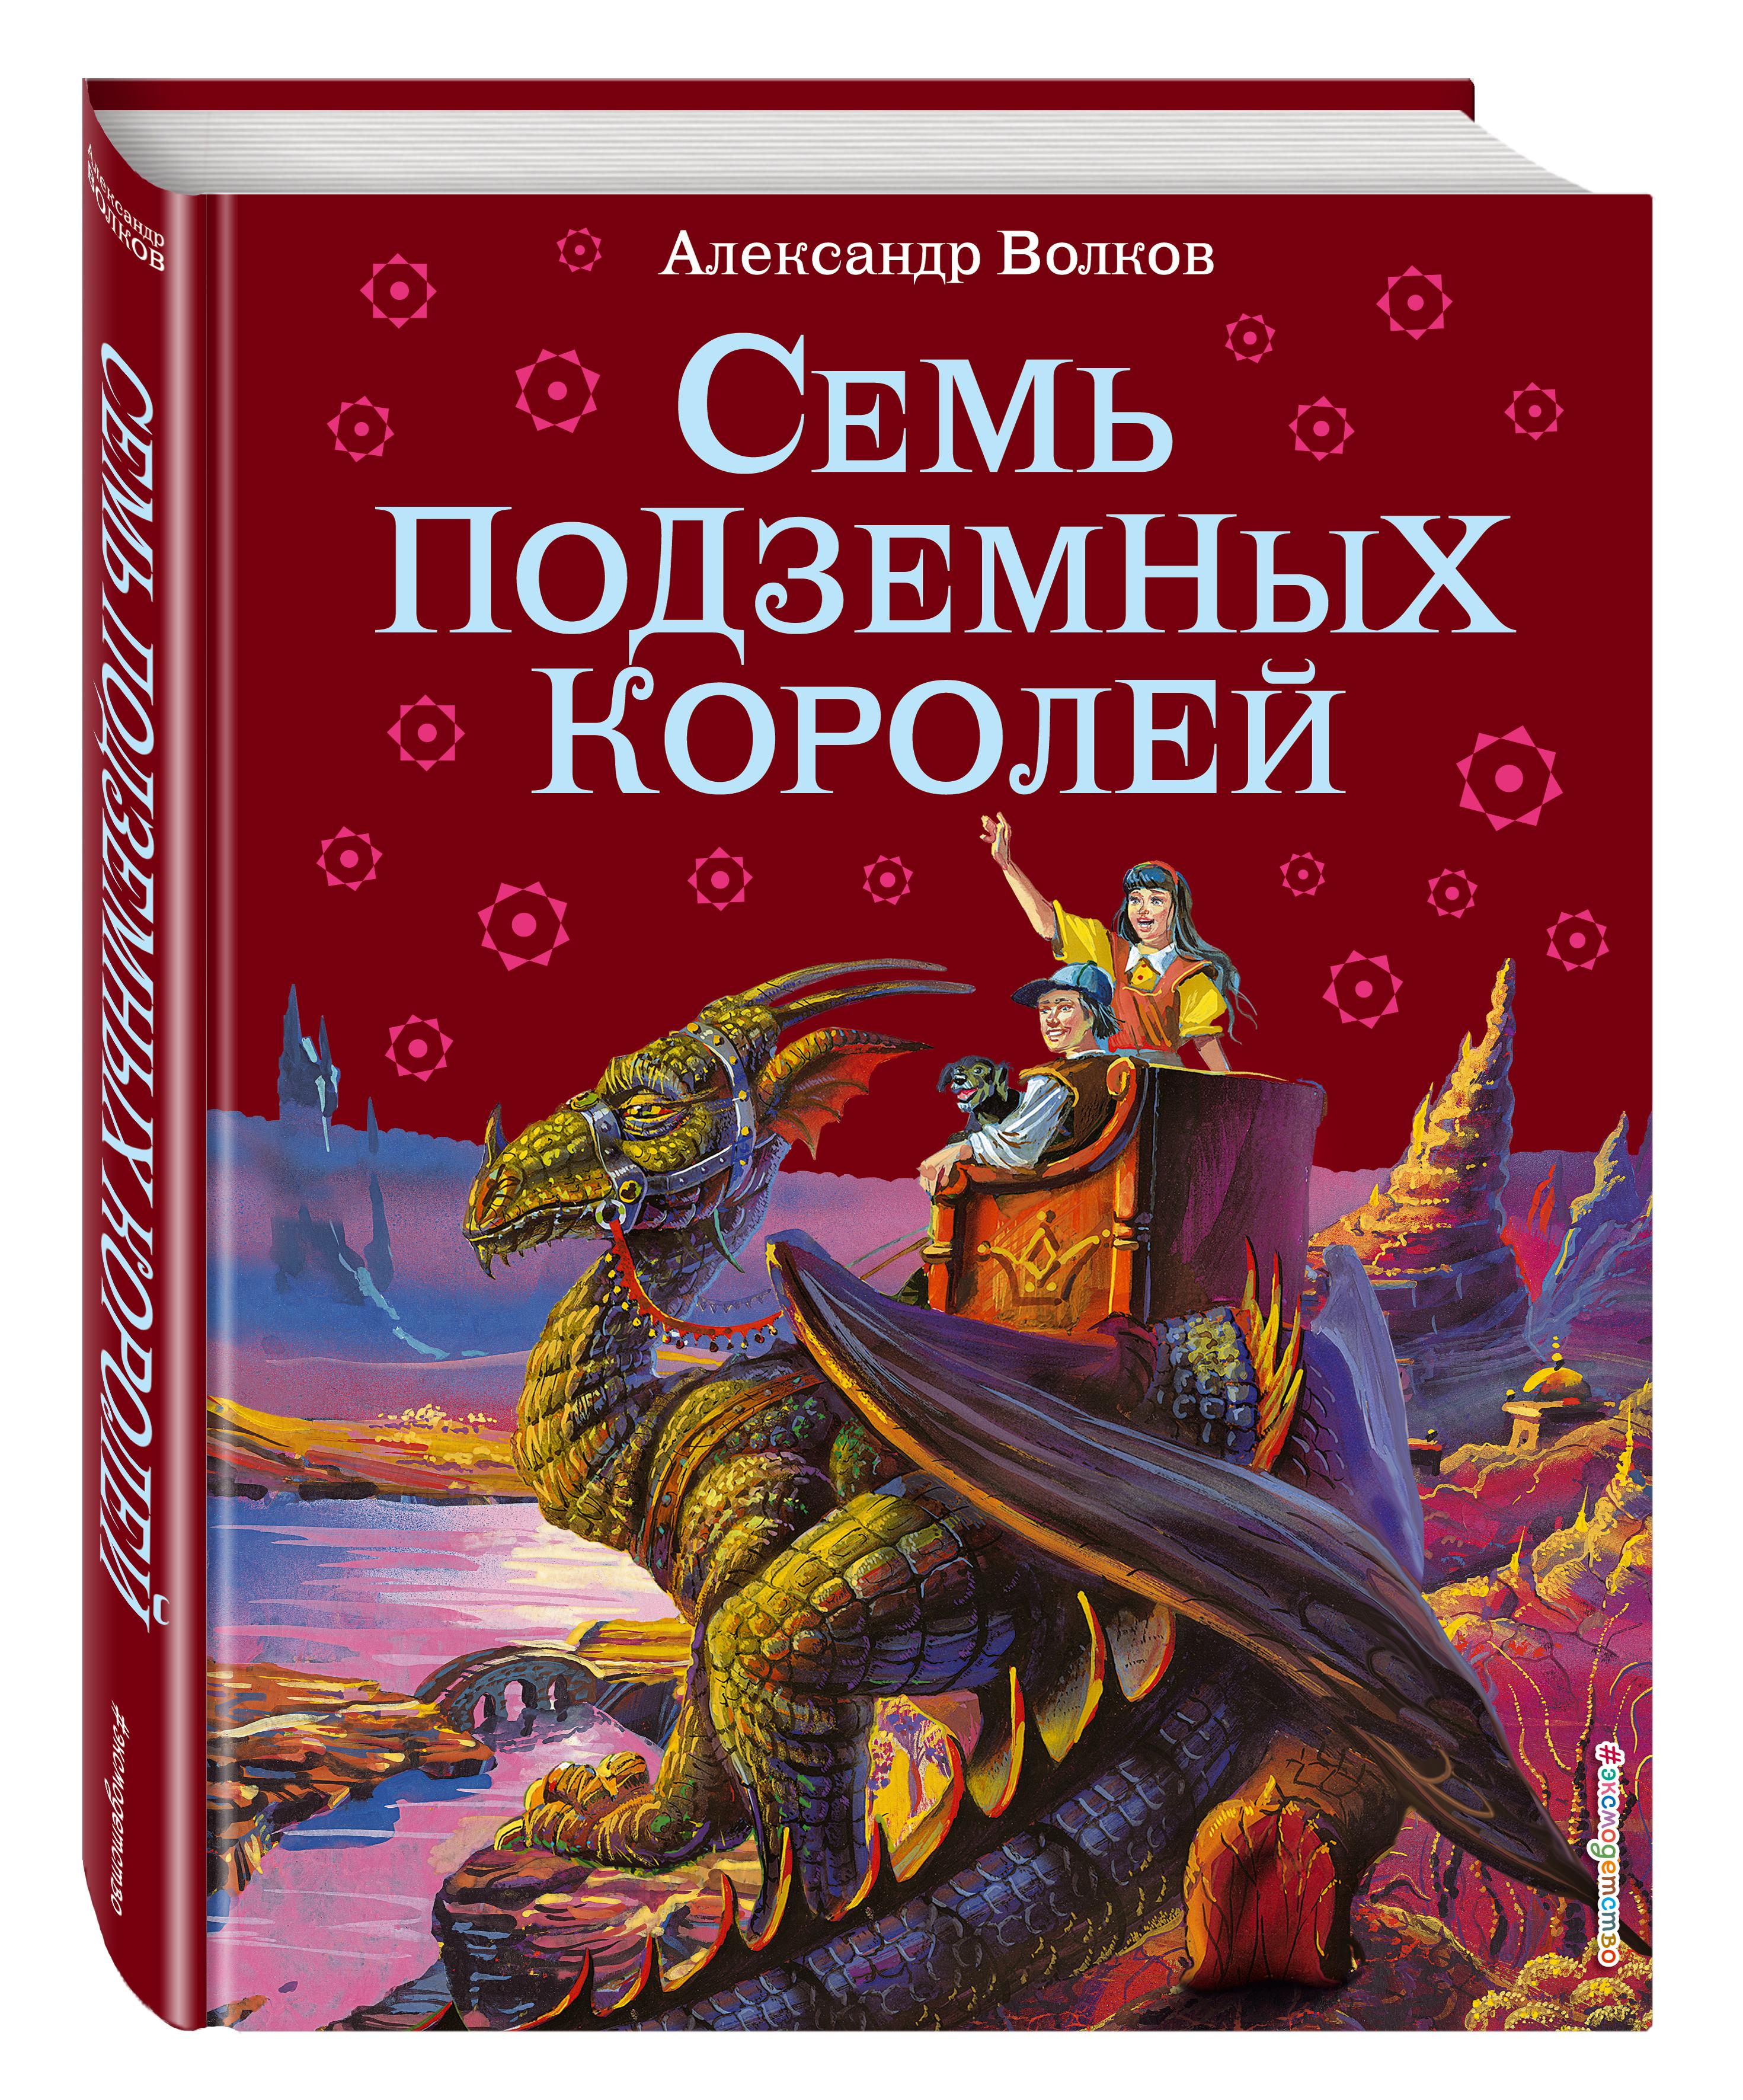 Александр Волков Семь подземных королей художественные книги росмэн волков александр семь подземных королей